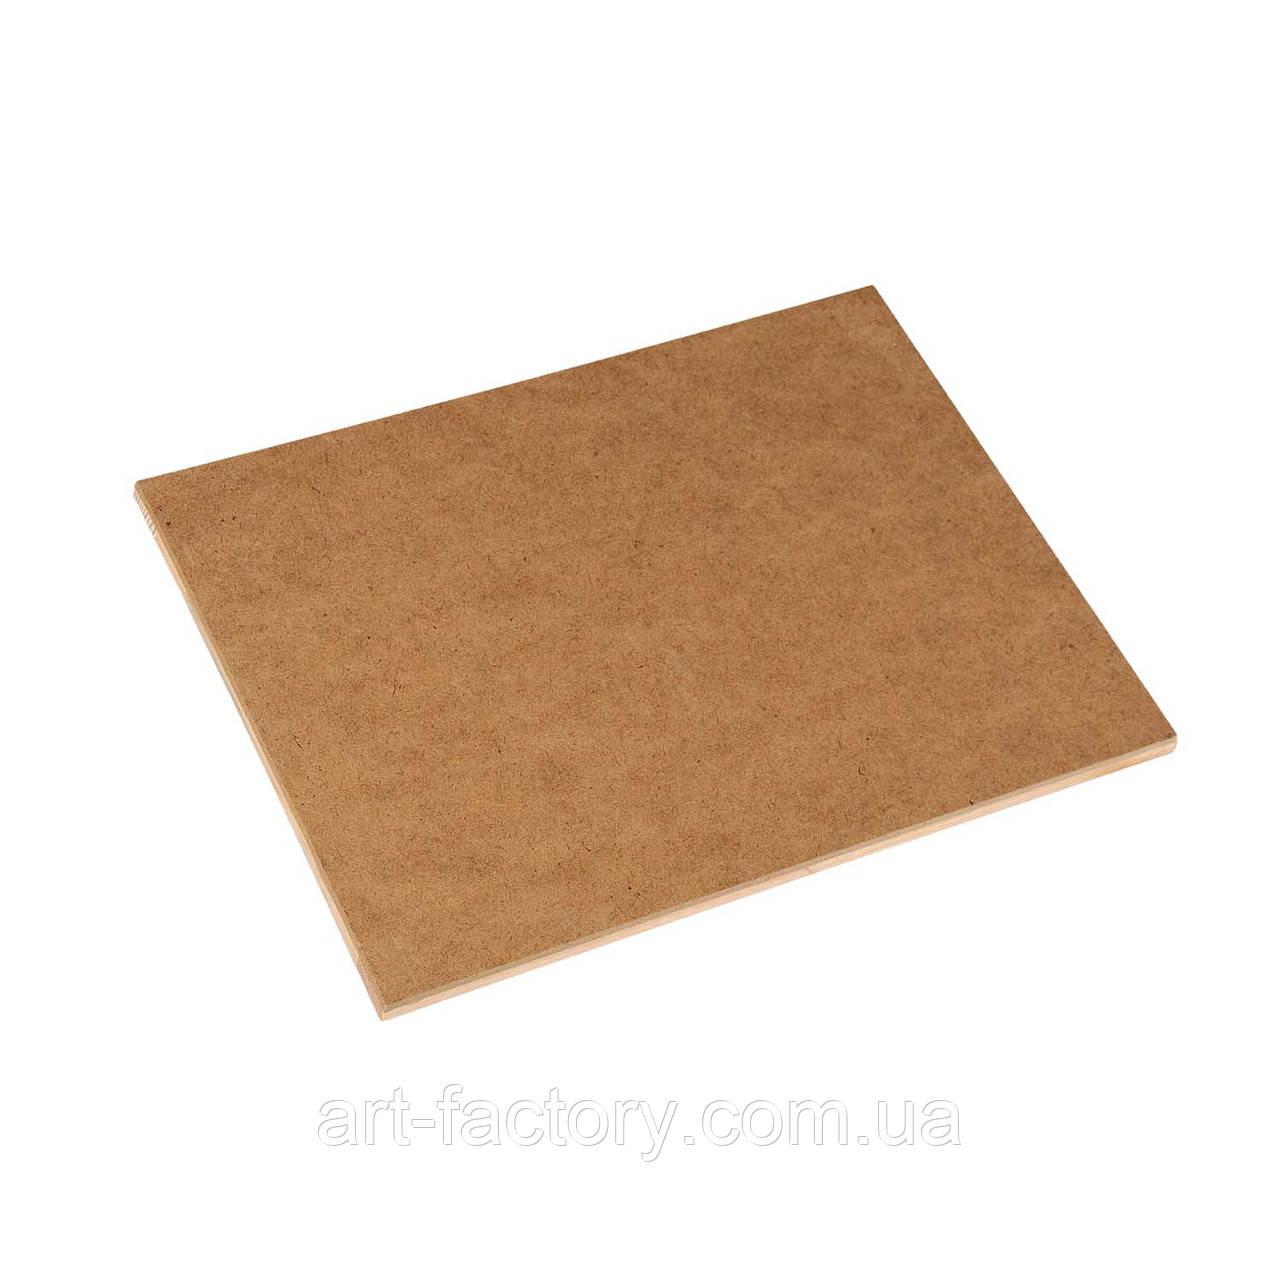 Планшет художественный деревянный ДВП 20 х 30 см